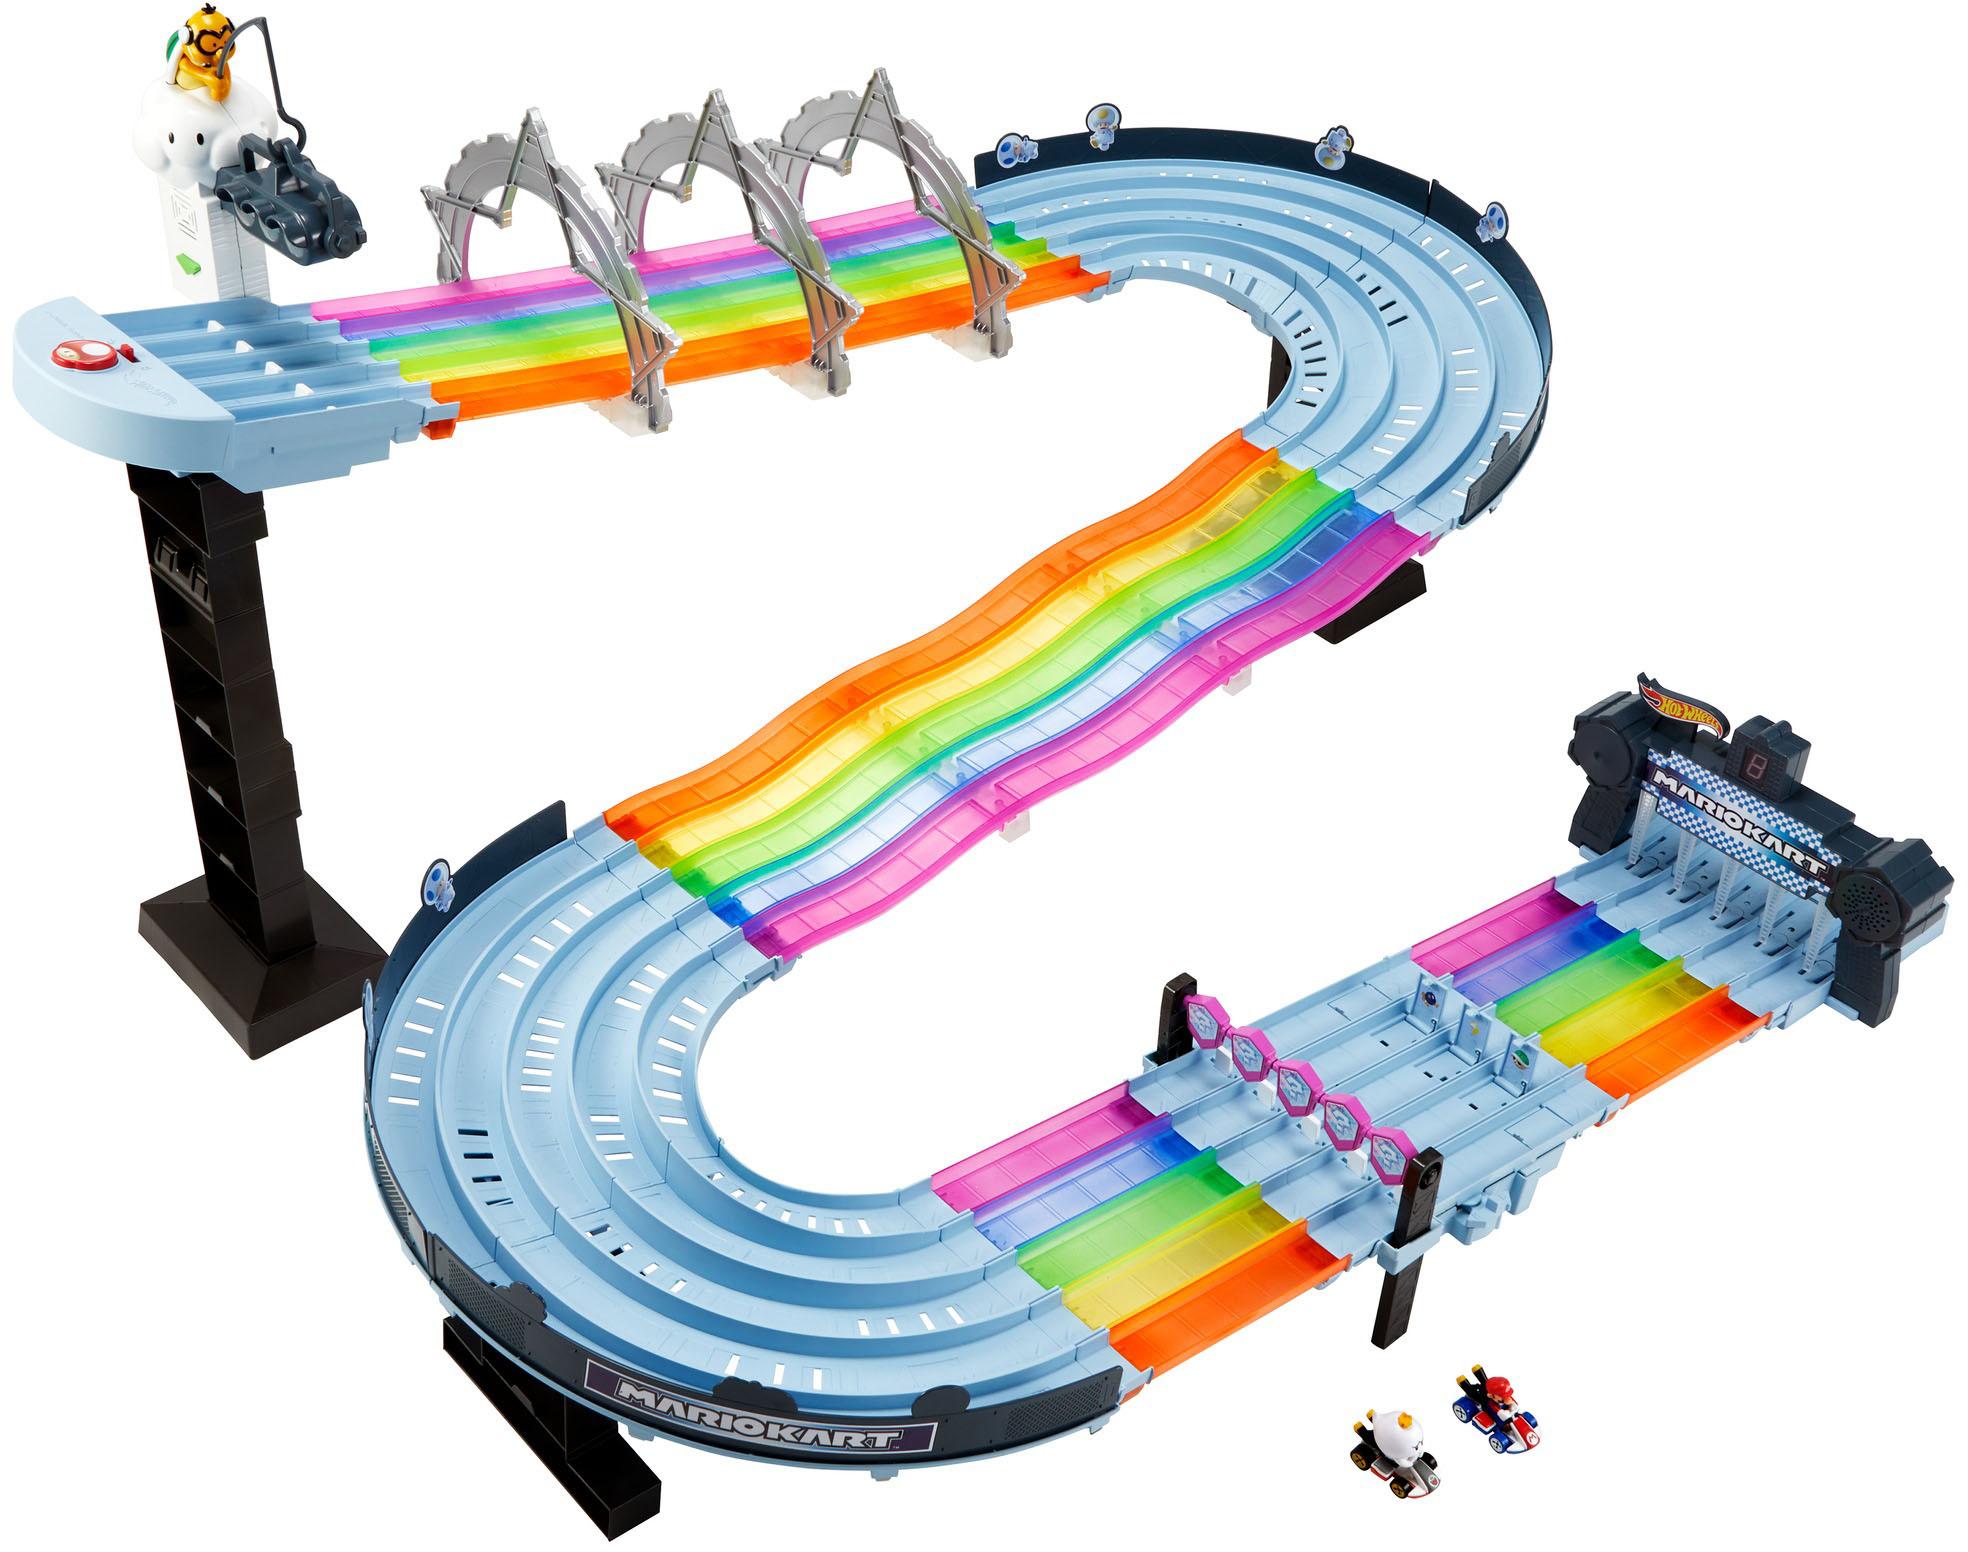 Hot Wheels Autorennbahn Mario Kart Regenbogen Rennstrecke, inkl. 2 Spielzeugautos bunt Kinder Autorennbahnen Autos, Eisenbahn Modellbau